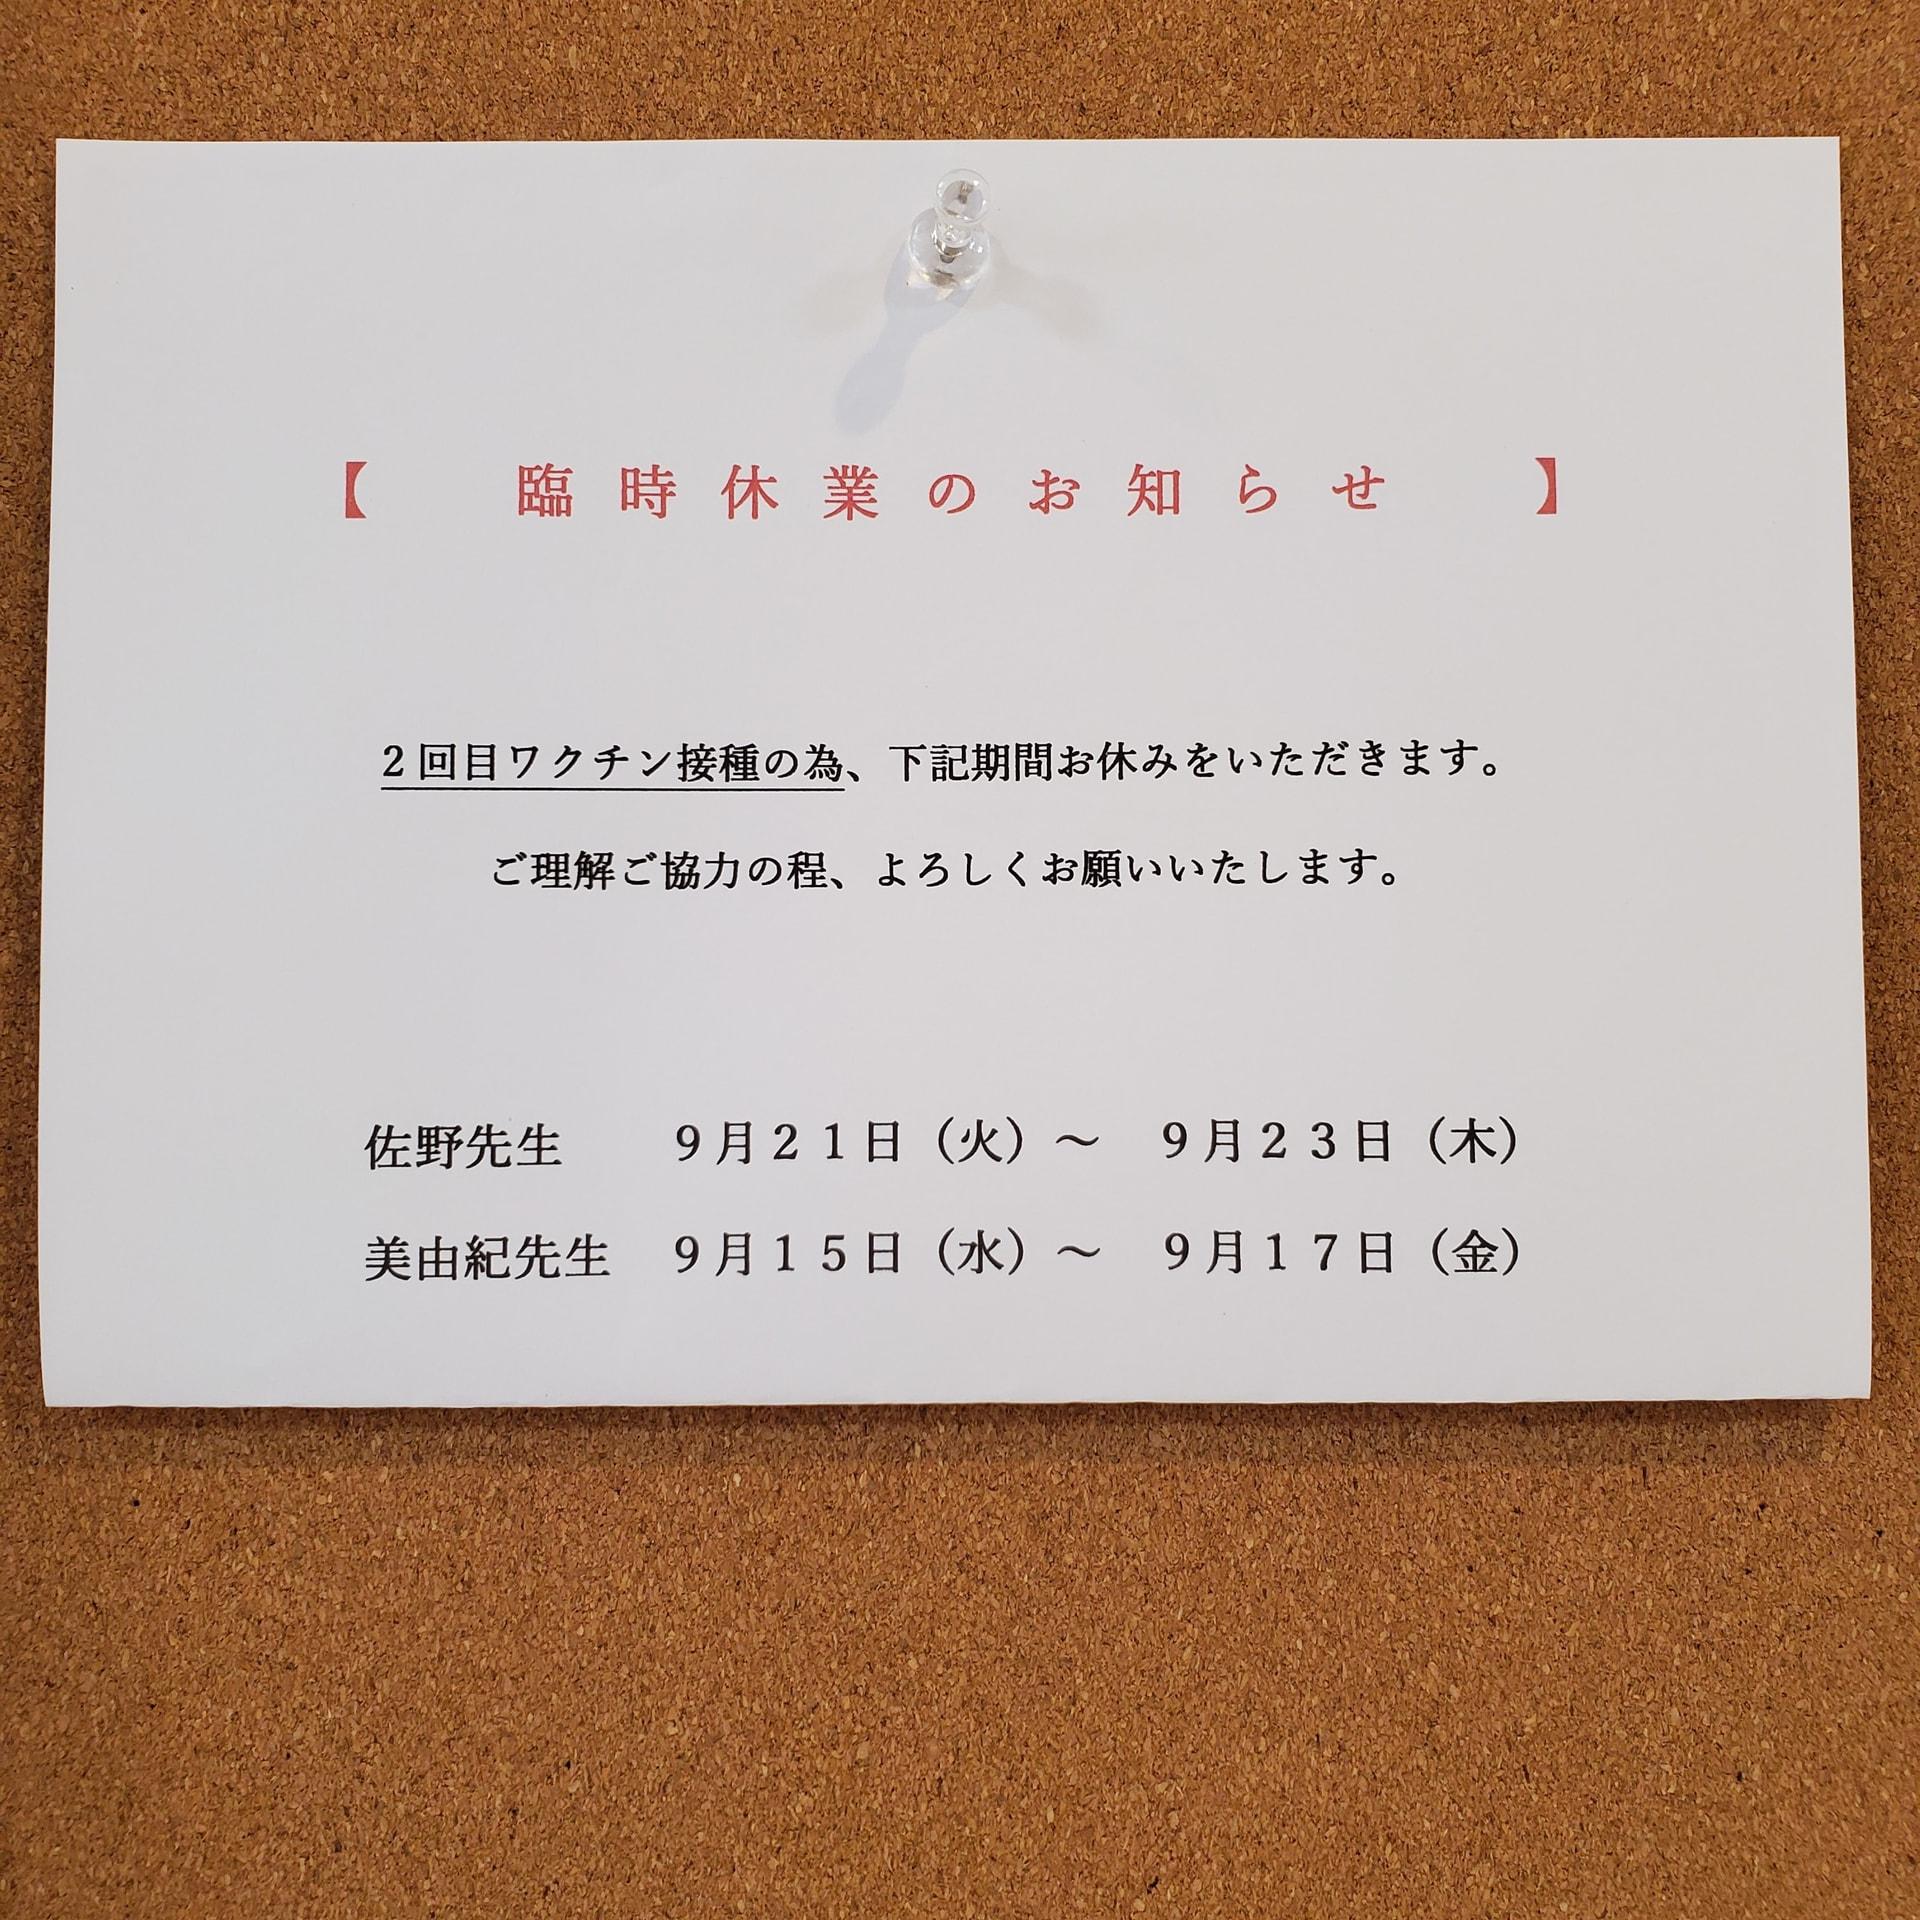 【教室ブログ】2回目ワクチン接種